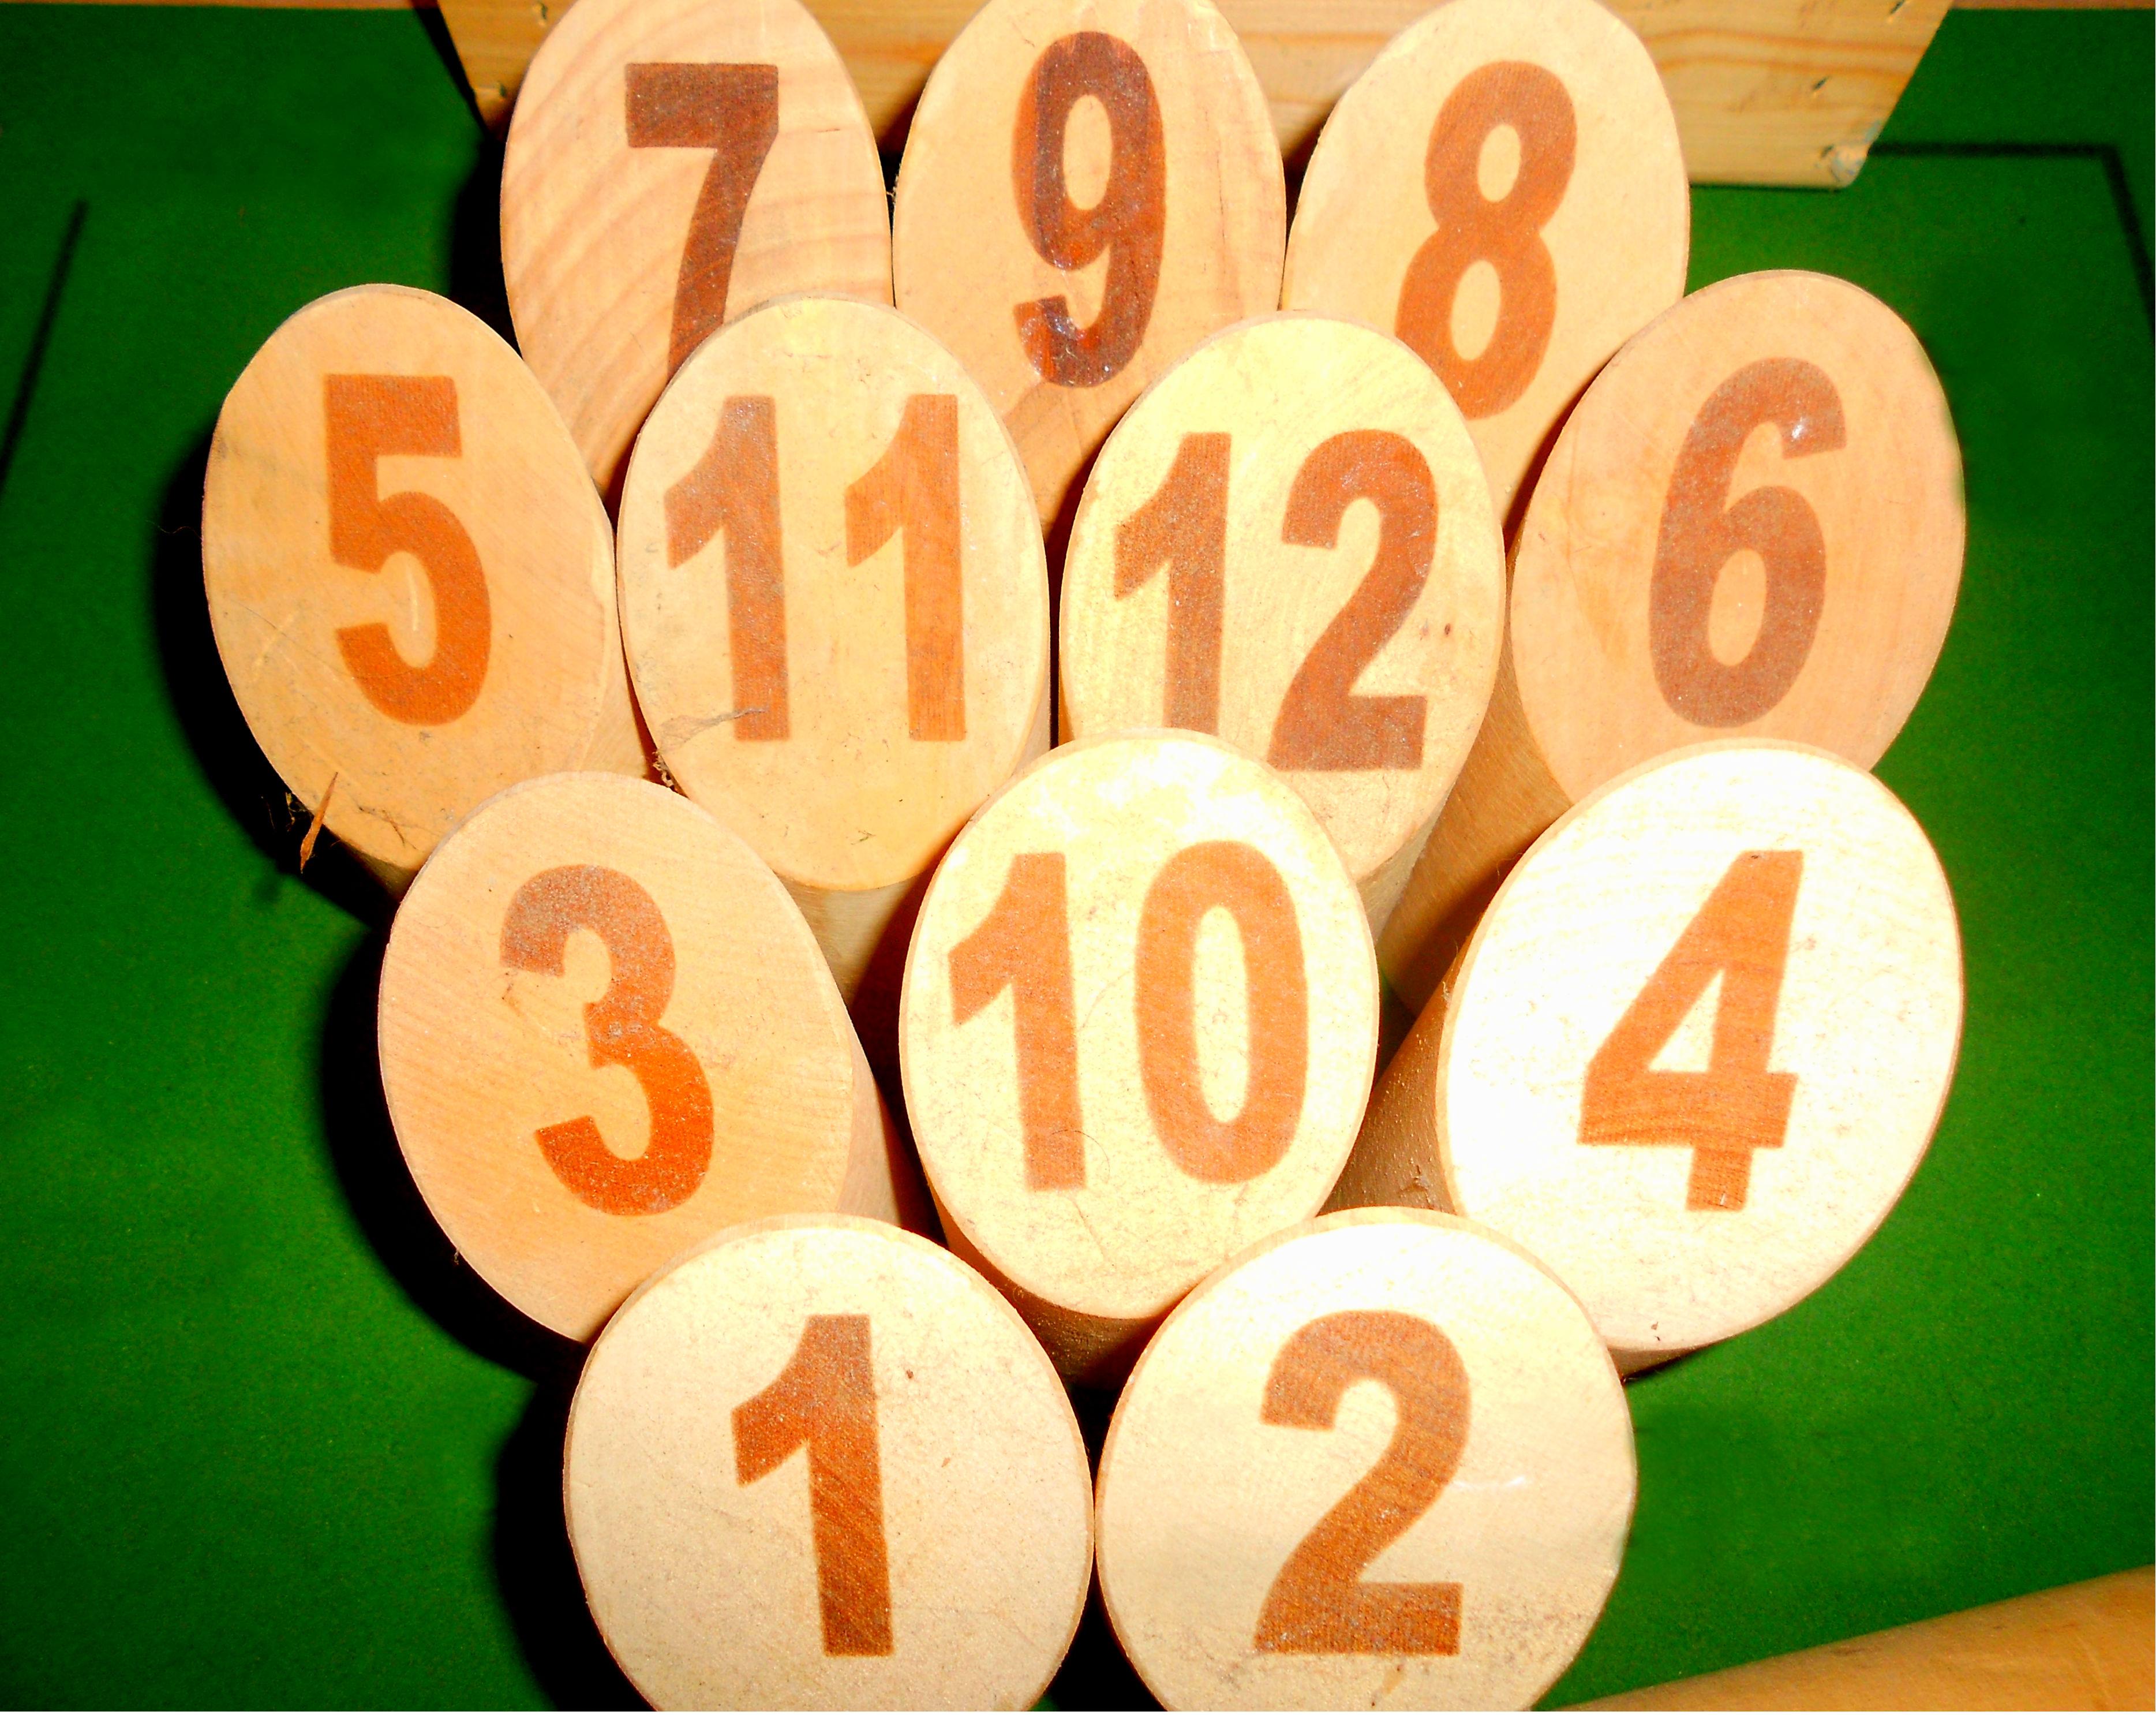 Jeux en bois molkky for Regle du jeu petanque